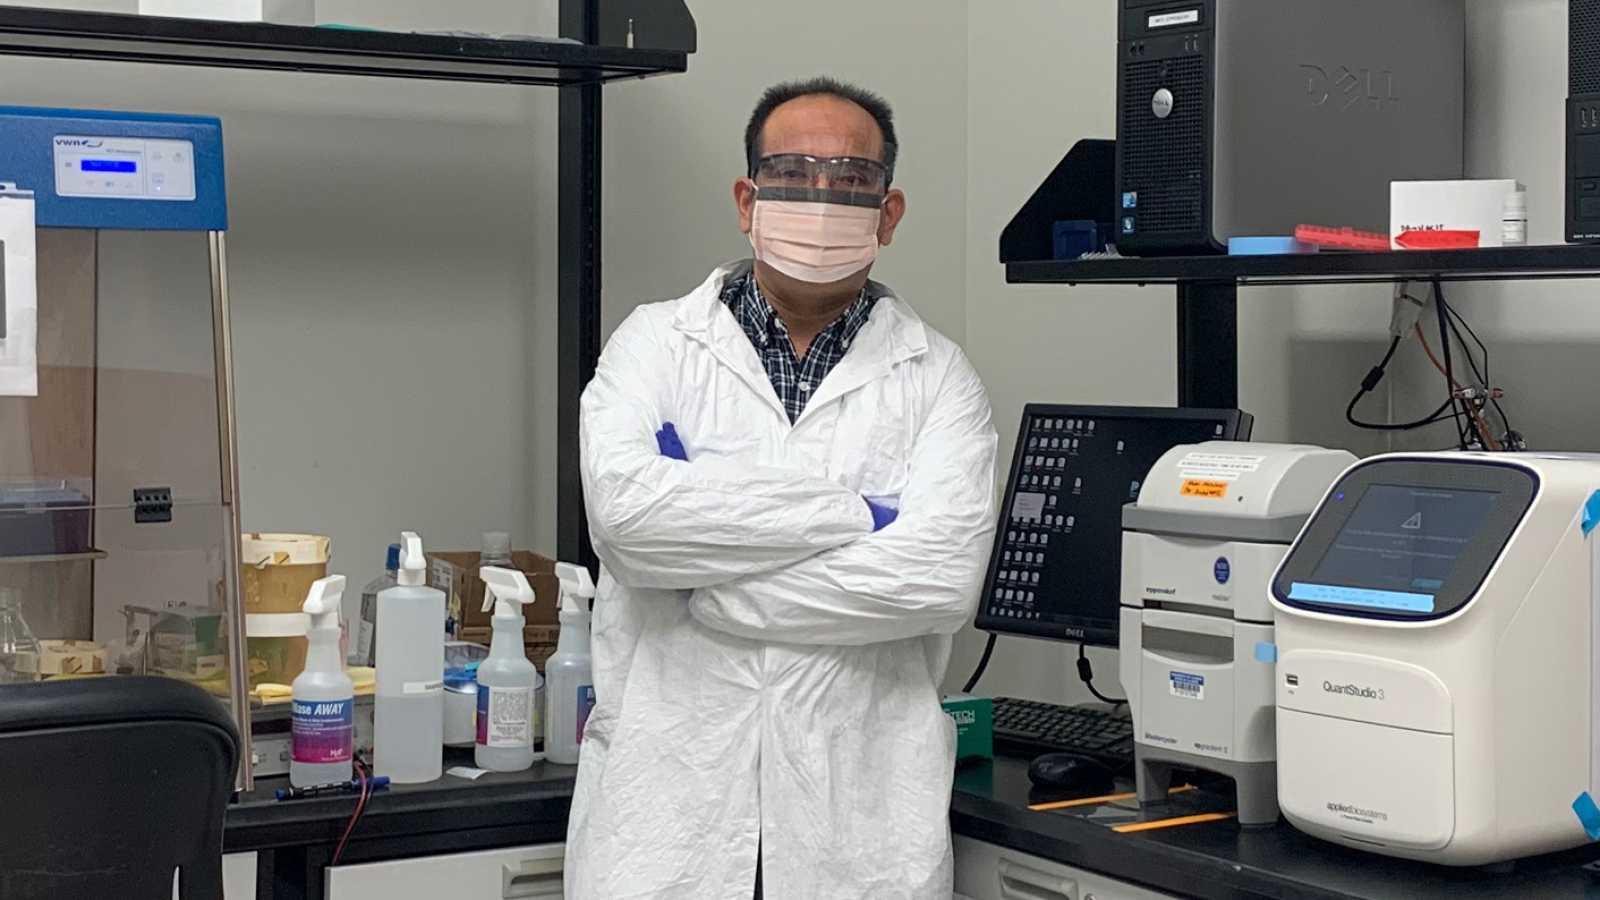 Punto de enlace - Enrique Valera estudia el desarrollo de biosensores - 06/10/20 - escuchar ahora